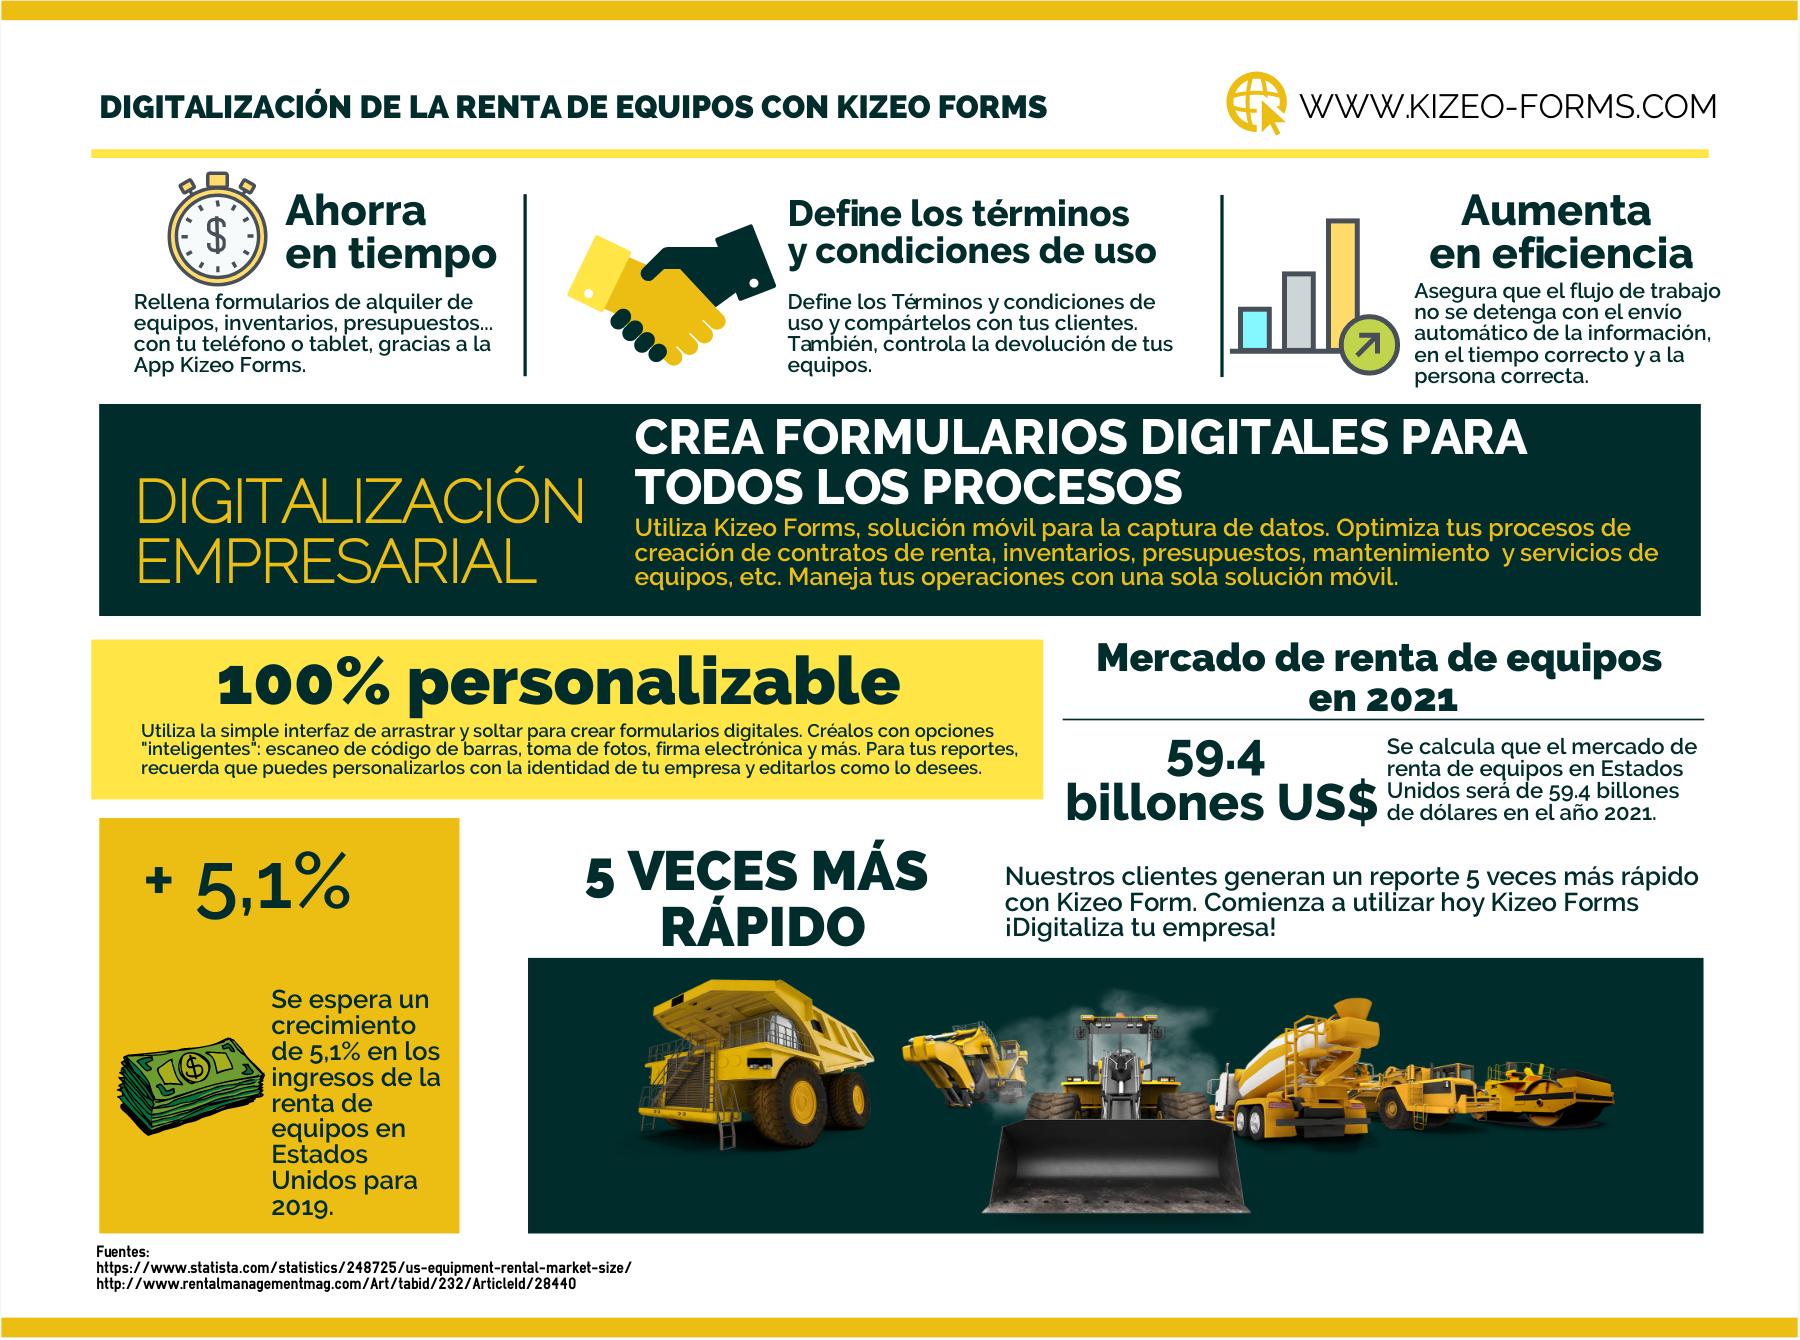 Digitalización de la renta de equipos